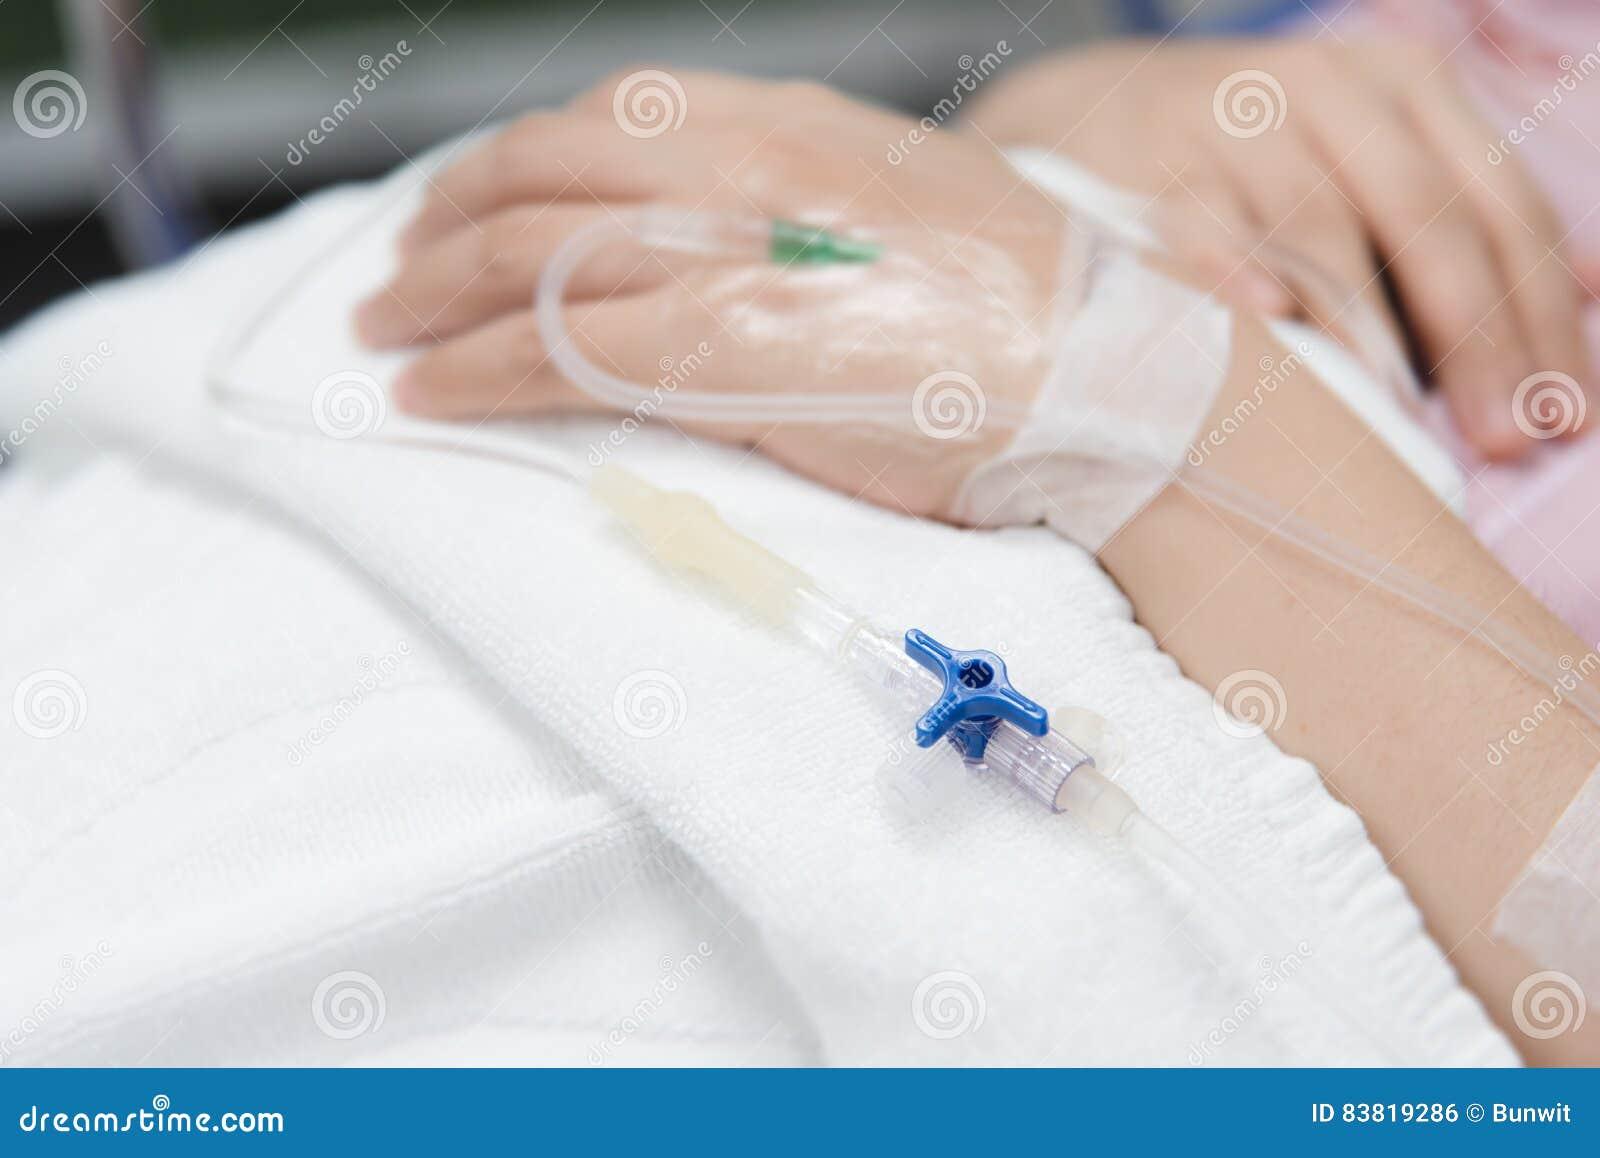 Κινηματογράφηση σε πρώτο πλάνο IV βελόνα στον ασθενή στο νοσοκομείο